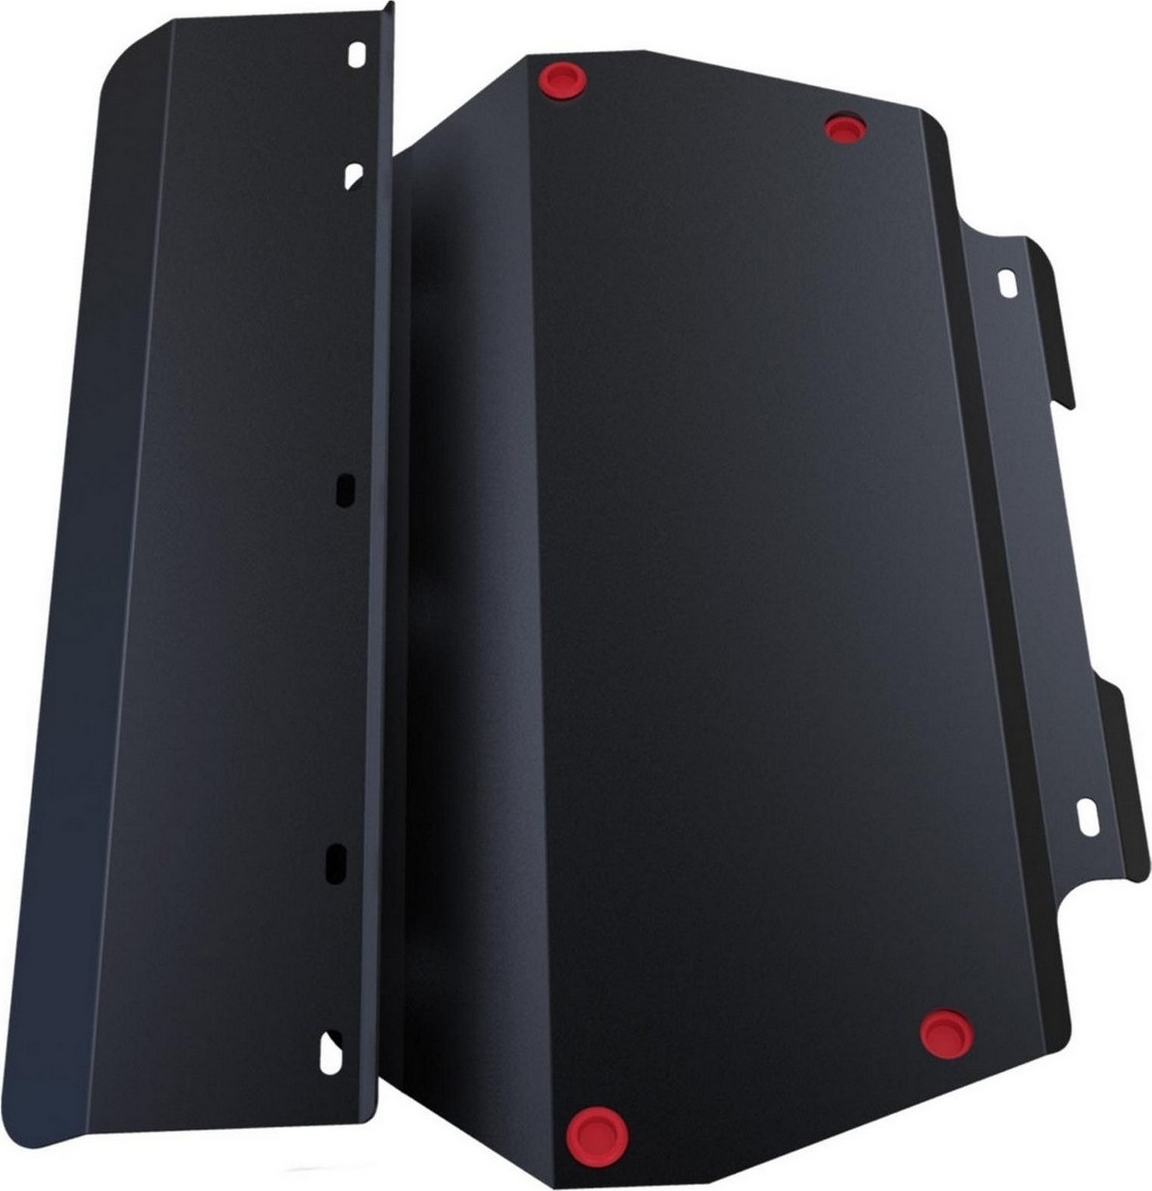 Защита картера и КПП Автоброня для Honda Accord 1999-2002, сталь 2 мм, с крепежом. 111.02119.1111.02119.1Защита картера и КПП Автоброня для Honda Accord (V - все) 1999-2002, сталь 2 мм, с крепежом, 111.02119.1 Стальные защиты Автоброня надежно защищают ваш автомобиль от повреждений при наезде на бордюры, выступающие канализационные люки, кромки поврежденного асфальта или при ремонте дорог, не говоря уже о загородных дорогах. - Имеют оптимальное соотношение цена-качество. - Спроектированы с учетом особенностей автомобиля, что делает установку удобной. - Защита устанавливается в штатные места кузова автомобиля. - Является надежной защитой для важных элементов на протяжении долгих лет. - Глубокий штамп дополнительно усиливает конструкцию защиты. - Подштамповка в местах крепления защищает крепеж от срезания. - Технологические отверстия там, где они необходимы для смены масла и слива воды, оборудованные заглушками, закрепленными на защите.